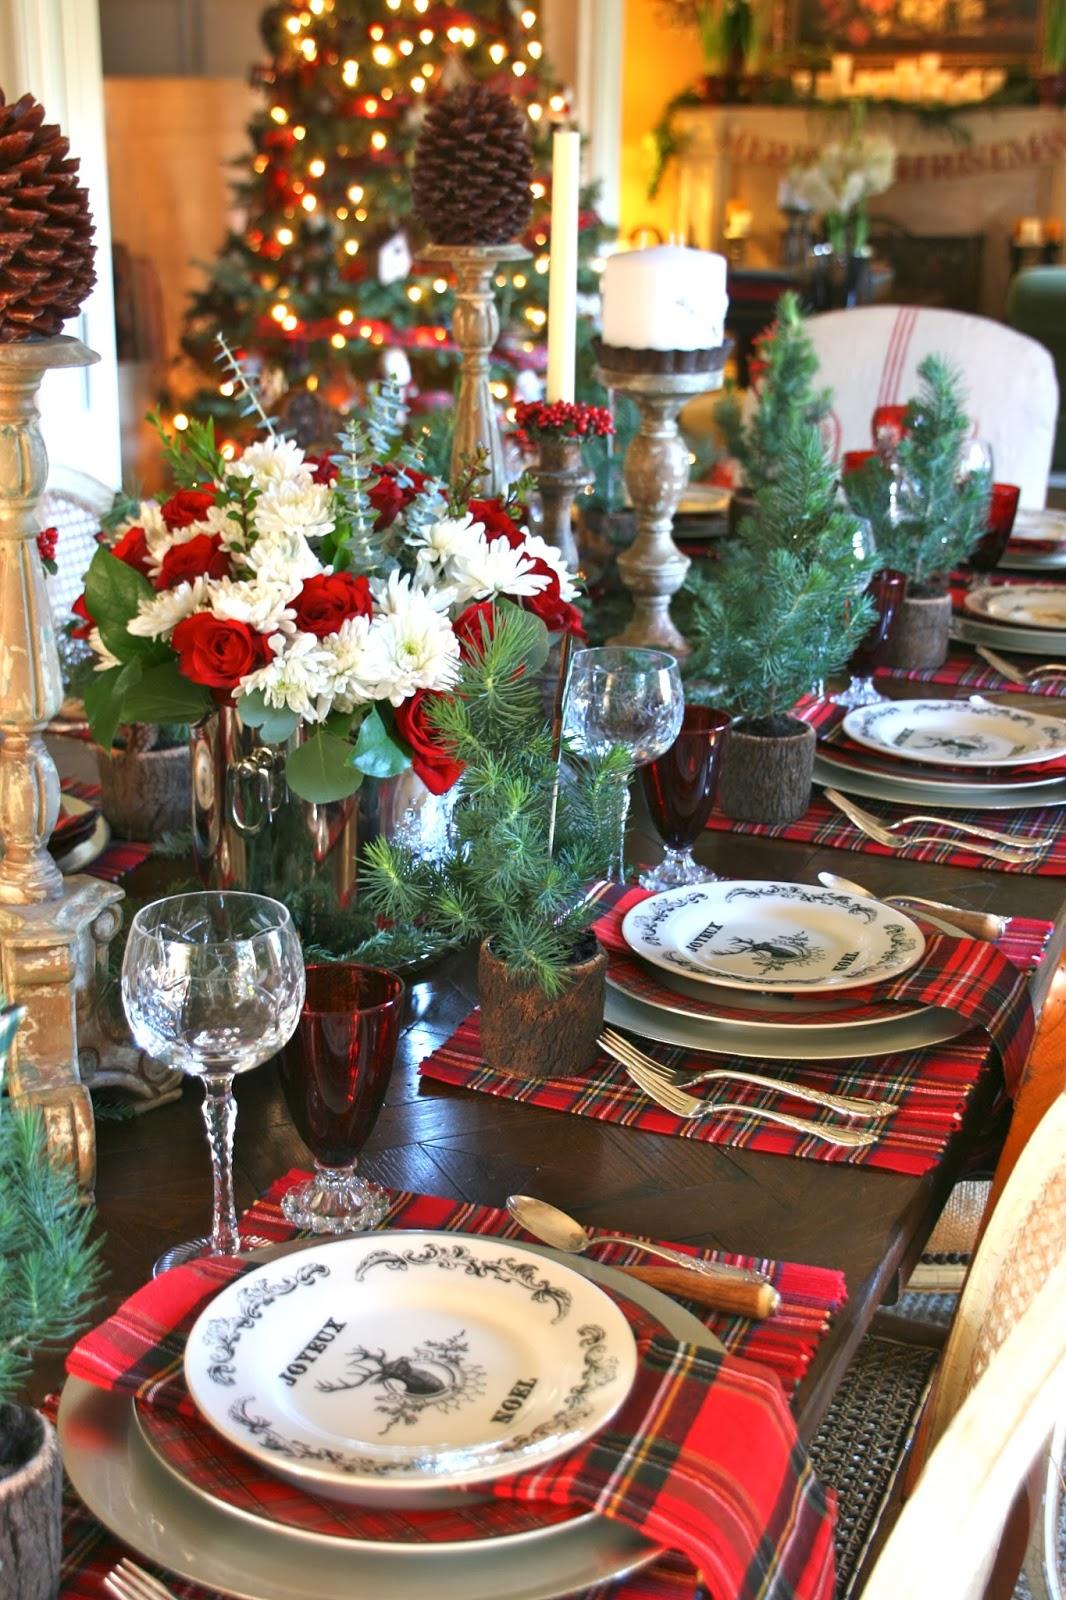 vignette design: A Christmas Day Tablescape